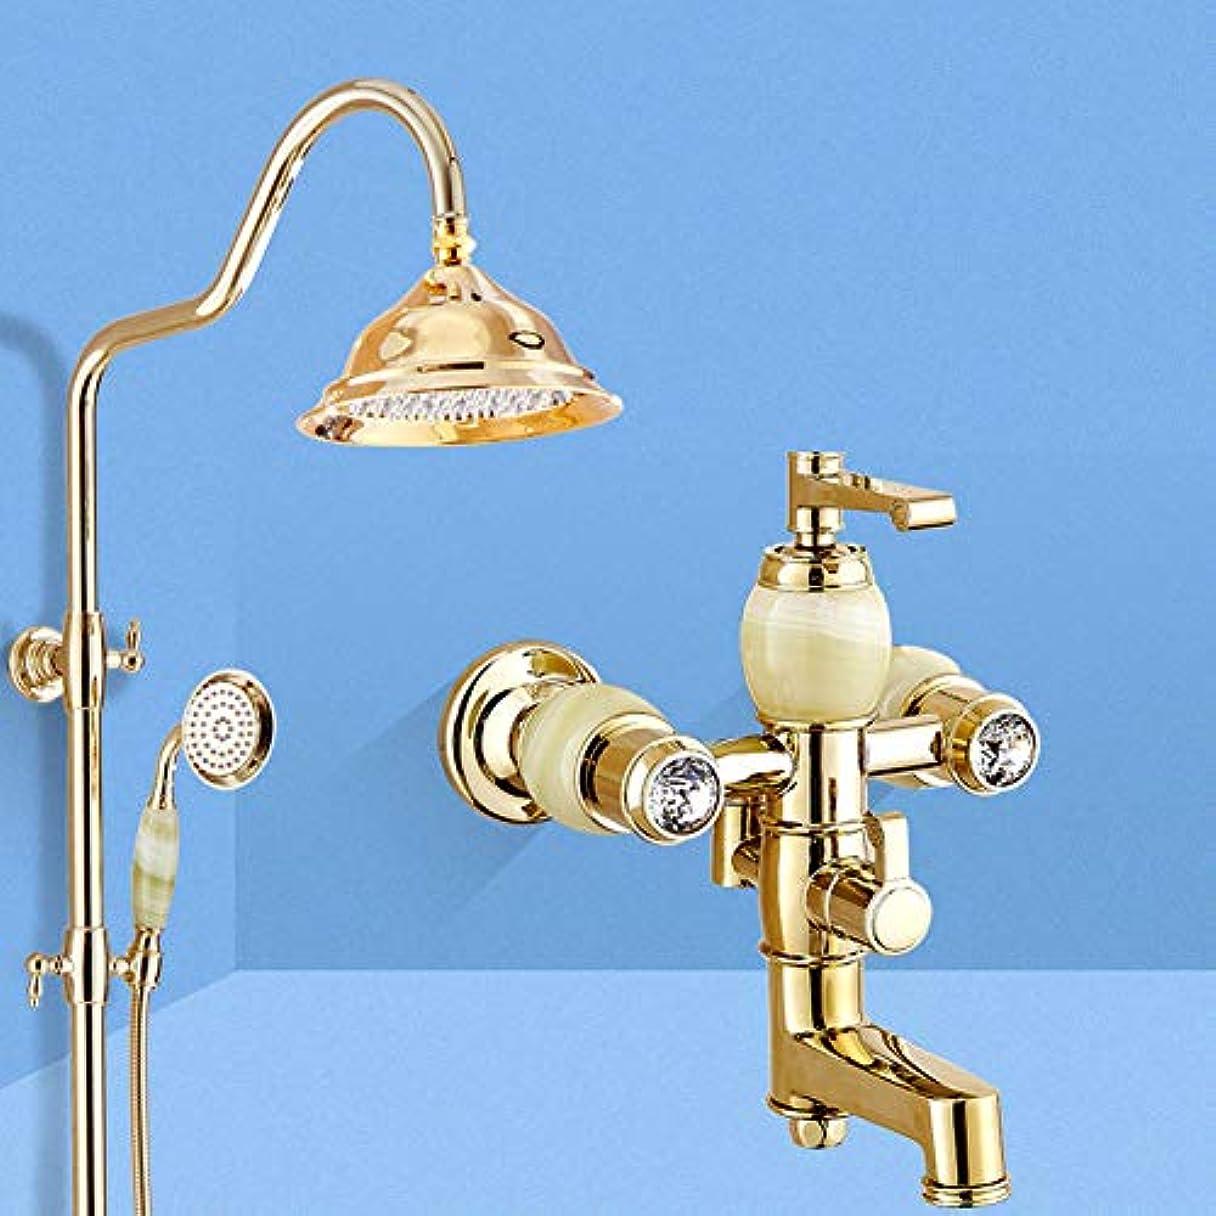 提案する寝る紳士気取りの、きざなシャワーシステム、アンティークブラスシャワーの蛇口セット銅のシャワーヘッドゴールデンシャワーセットジェイドシャワー304シャワーハンドシャワーヘッドバスシャワーの蛇口